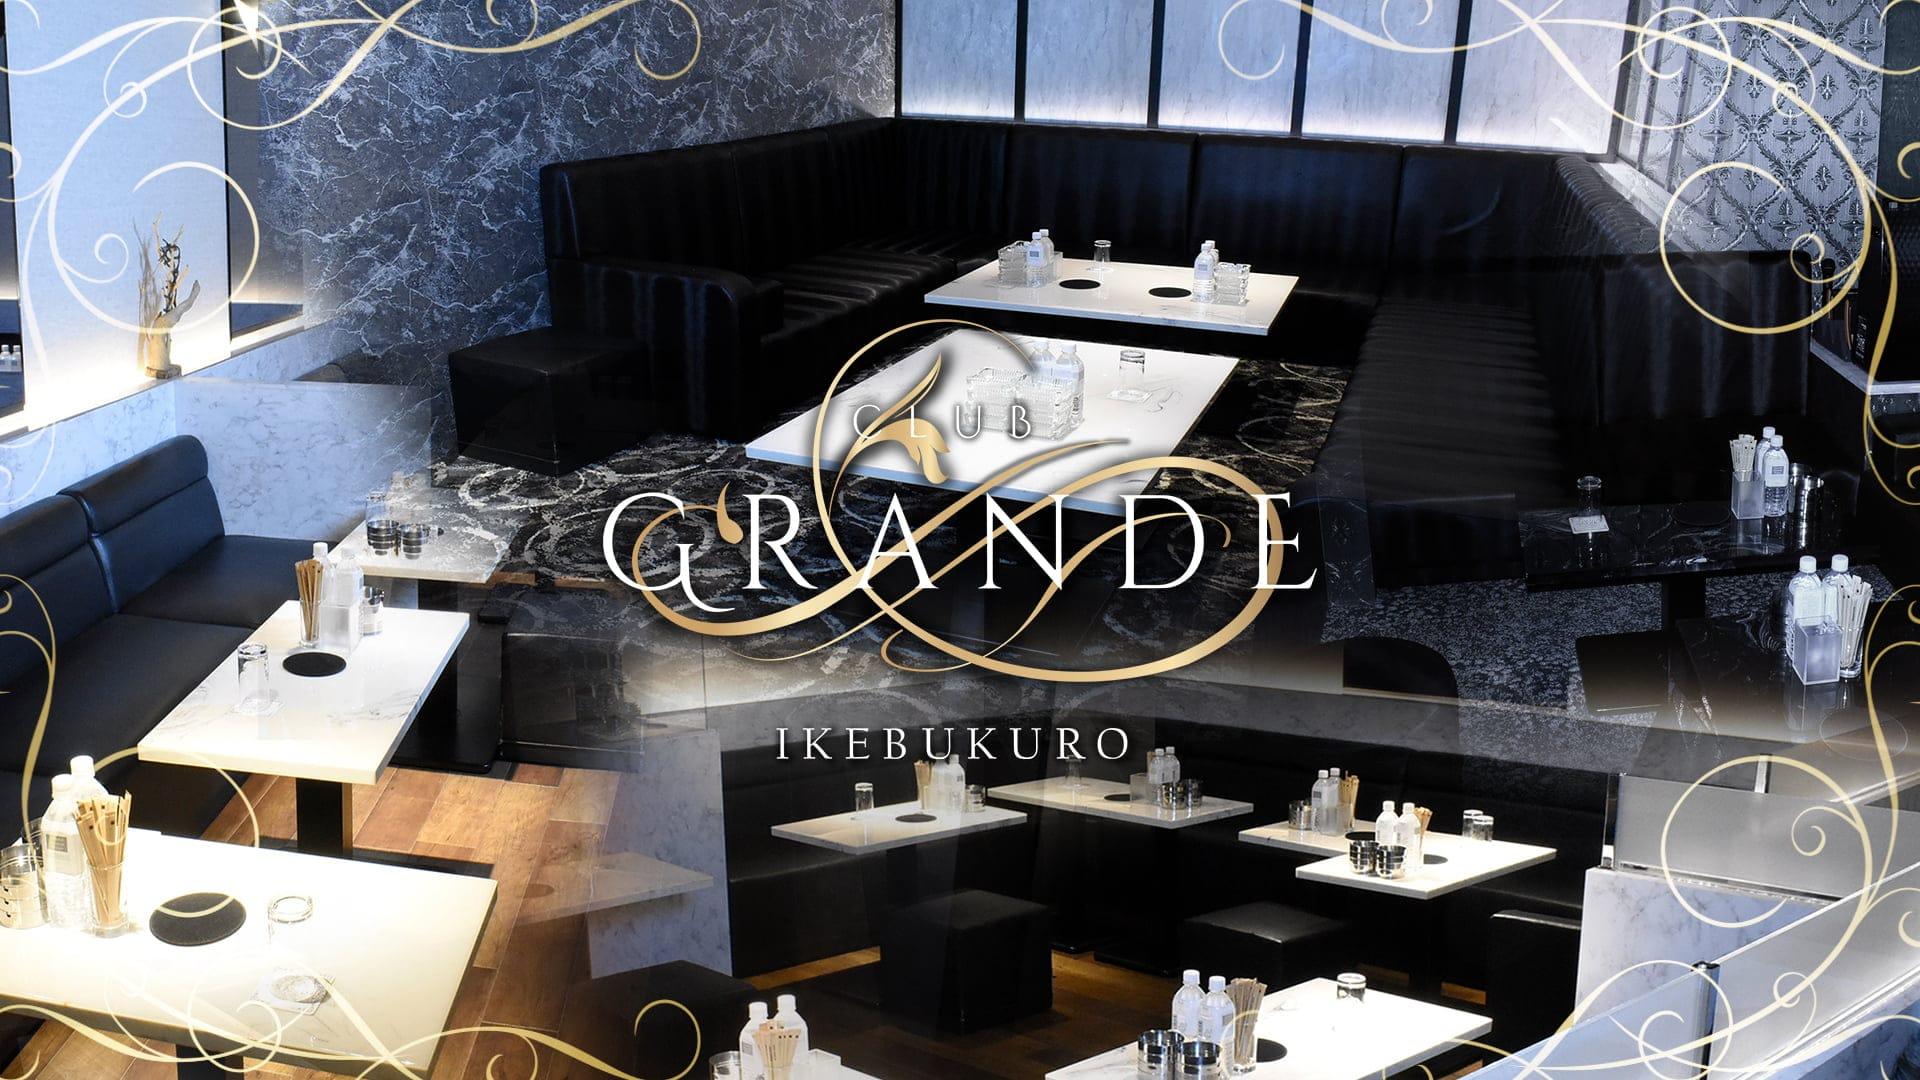 池袋 GRANDE(グランデ)【公式求人・体入情報】 池袋キャバクラ TOP画像